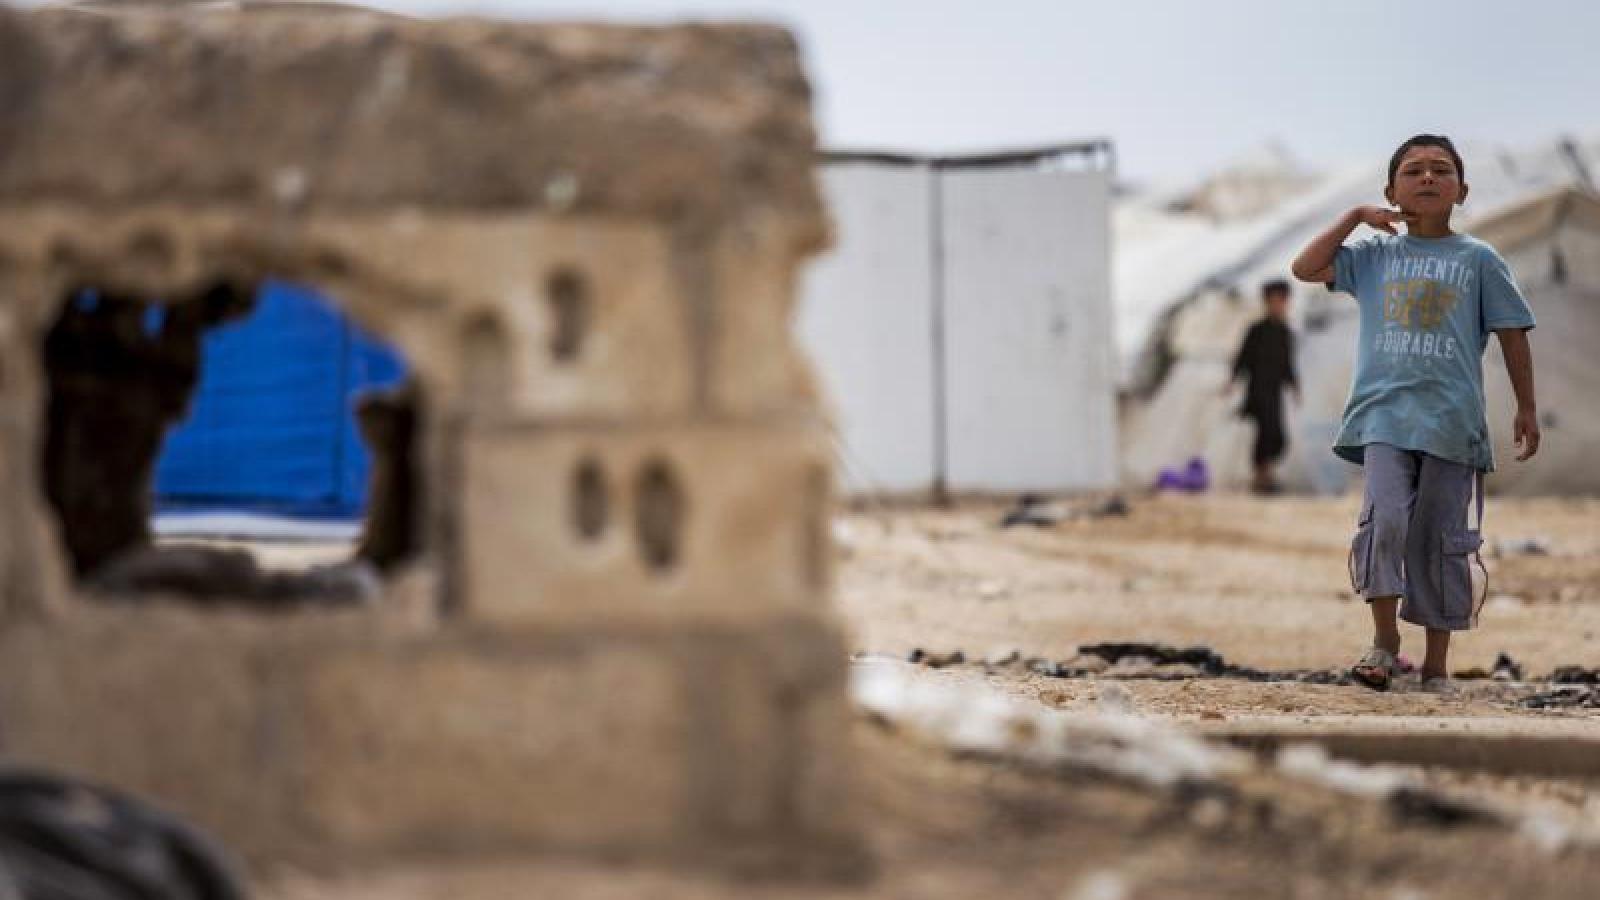 Những đứa trẻ bị chối bỏ ở Syria và nguy cơ ươm mầm một thế hệ khủng bố mới